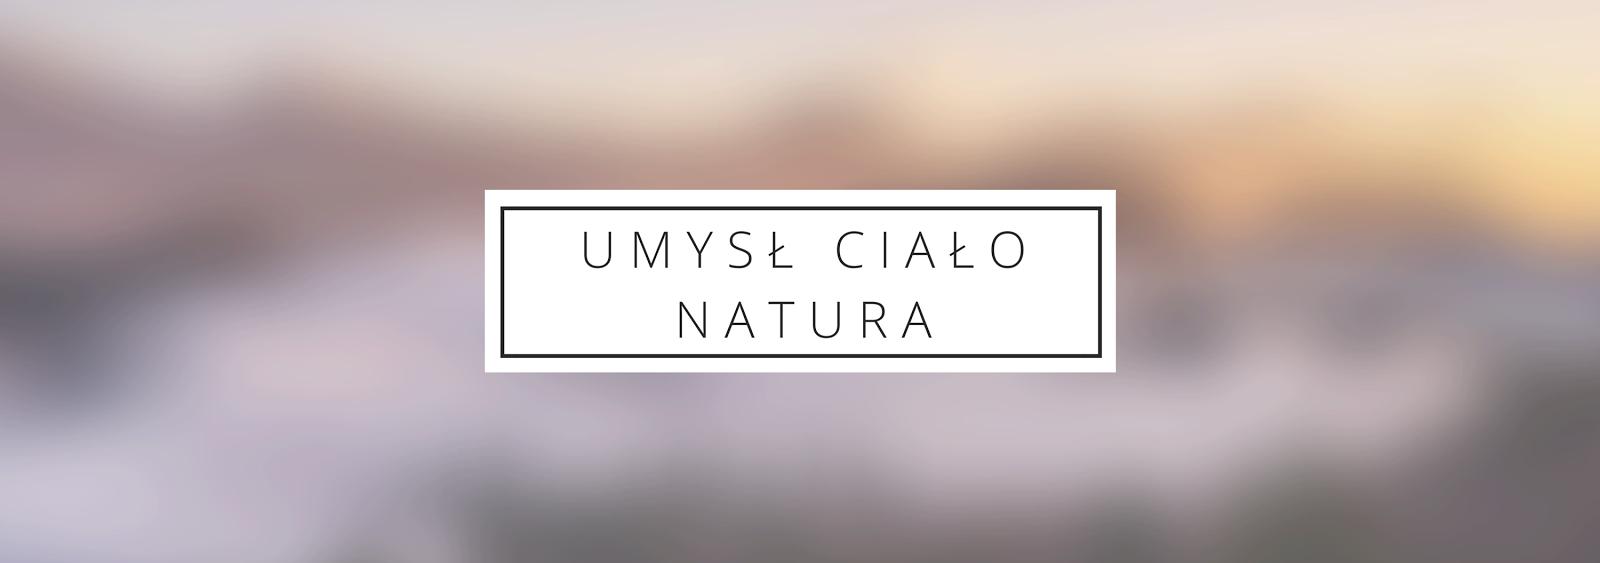 Umysł Ciało Natura